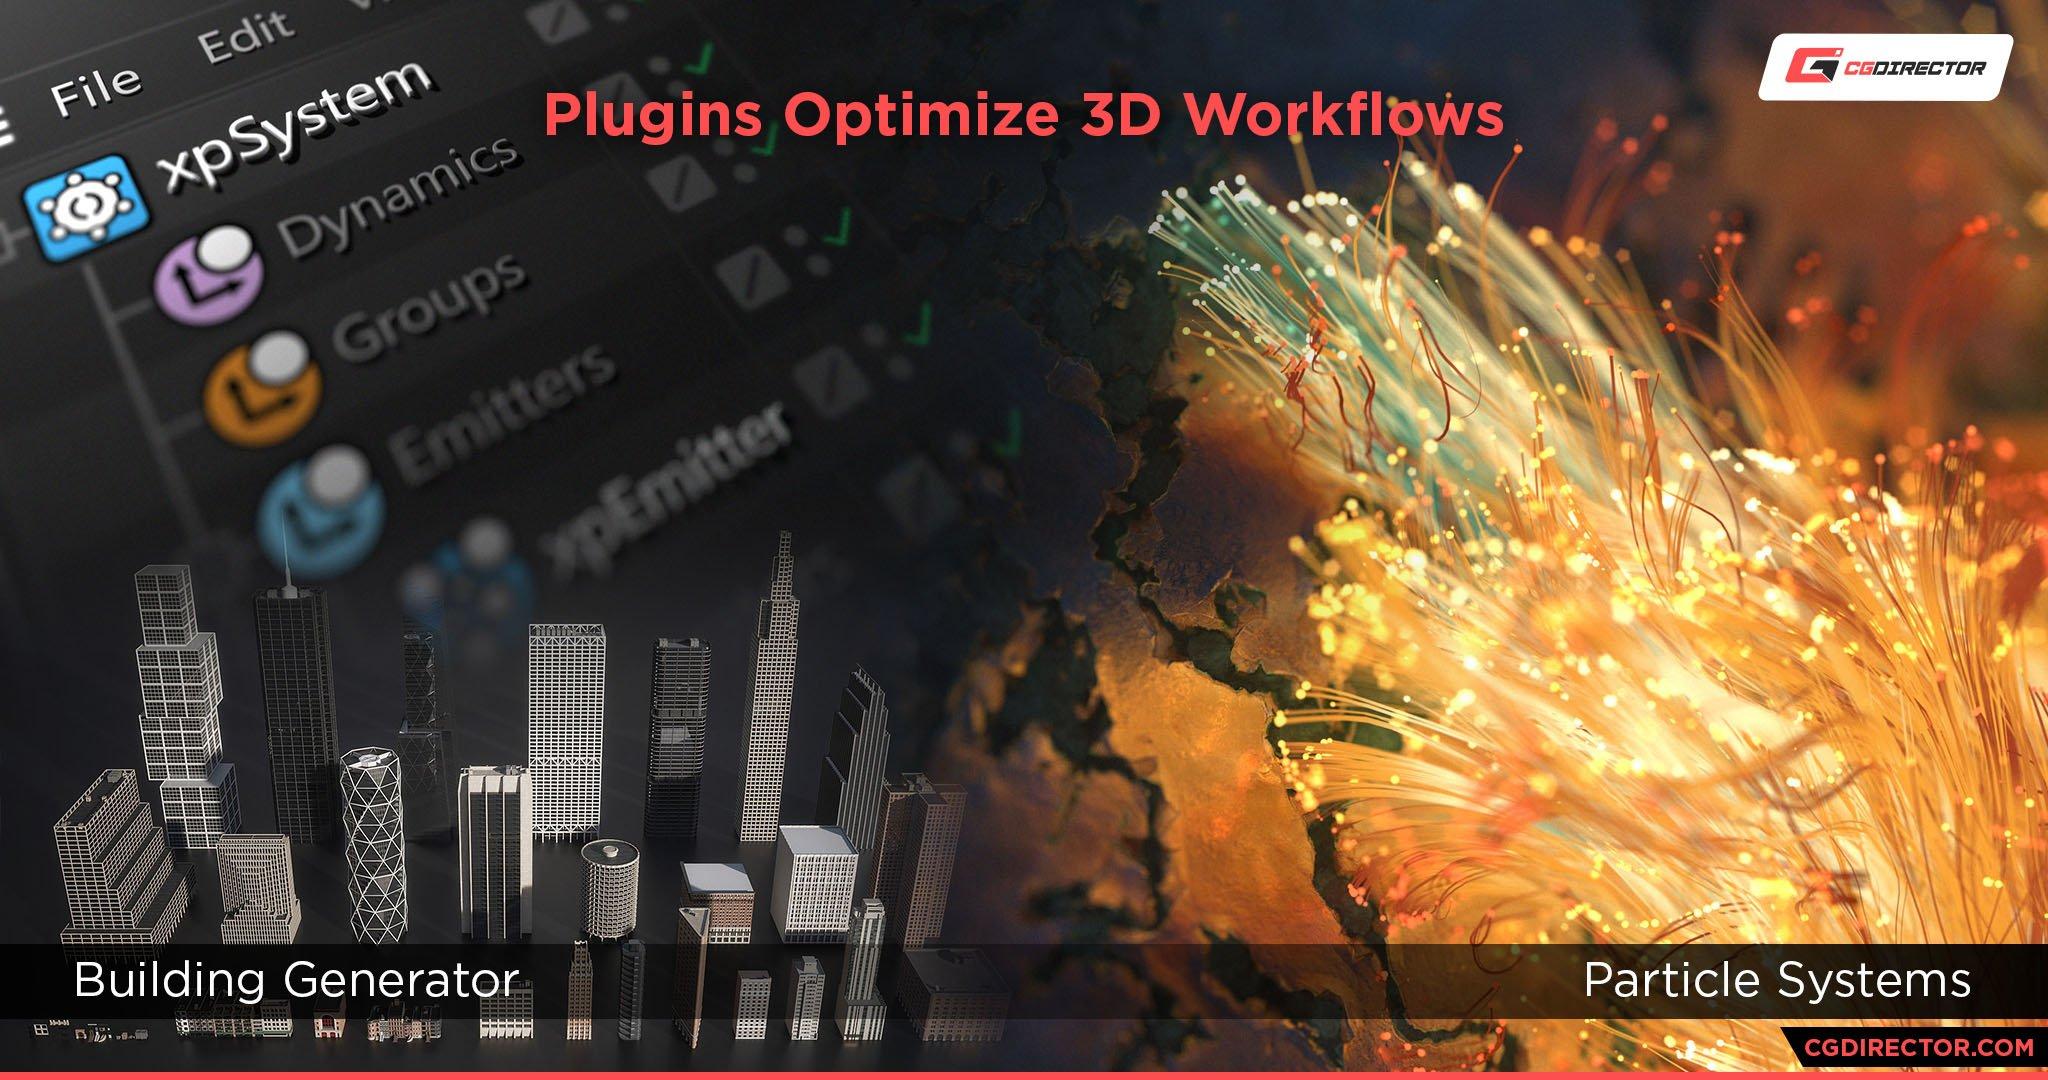 Plugins Speed up 3D workflows